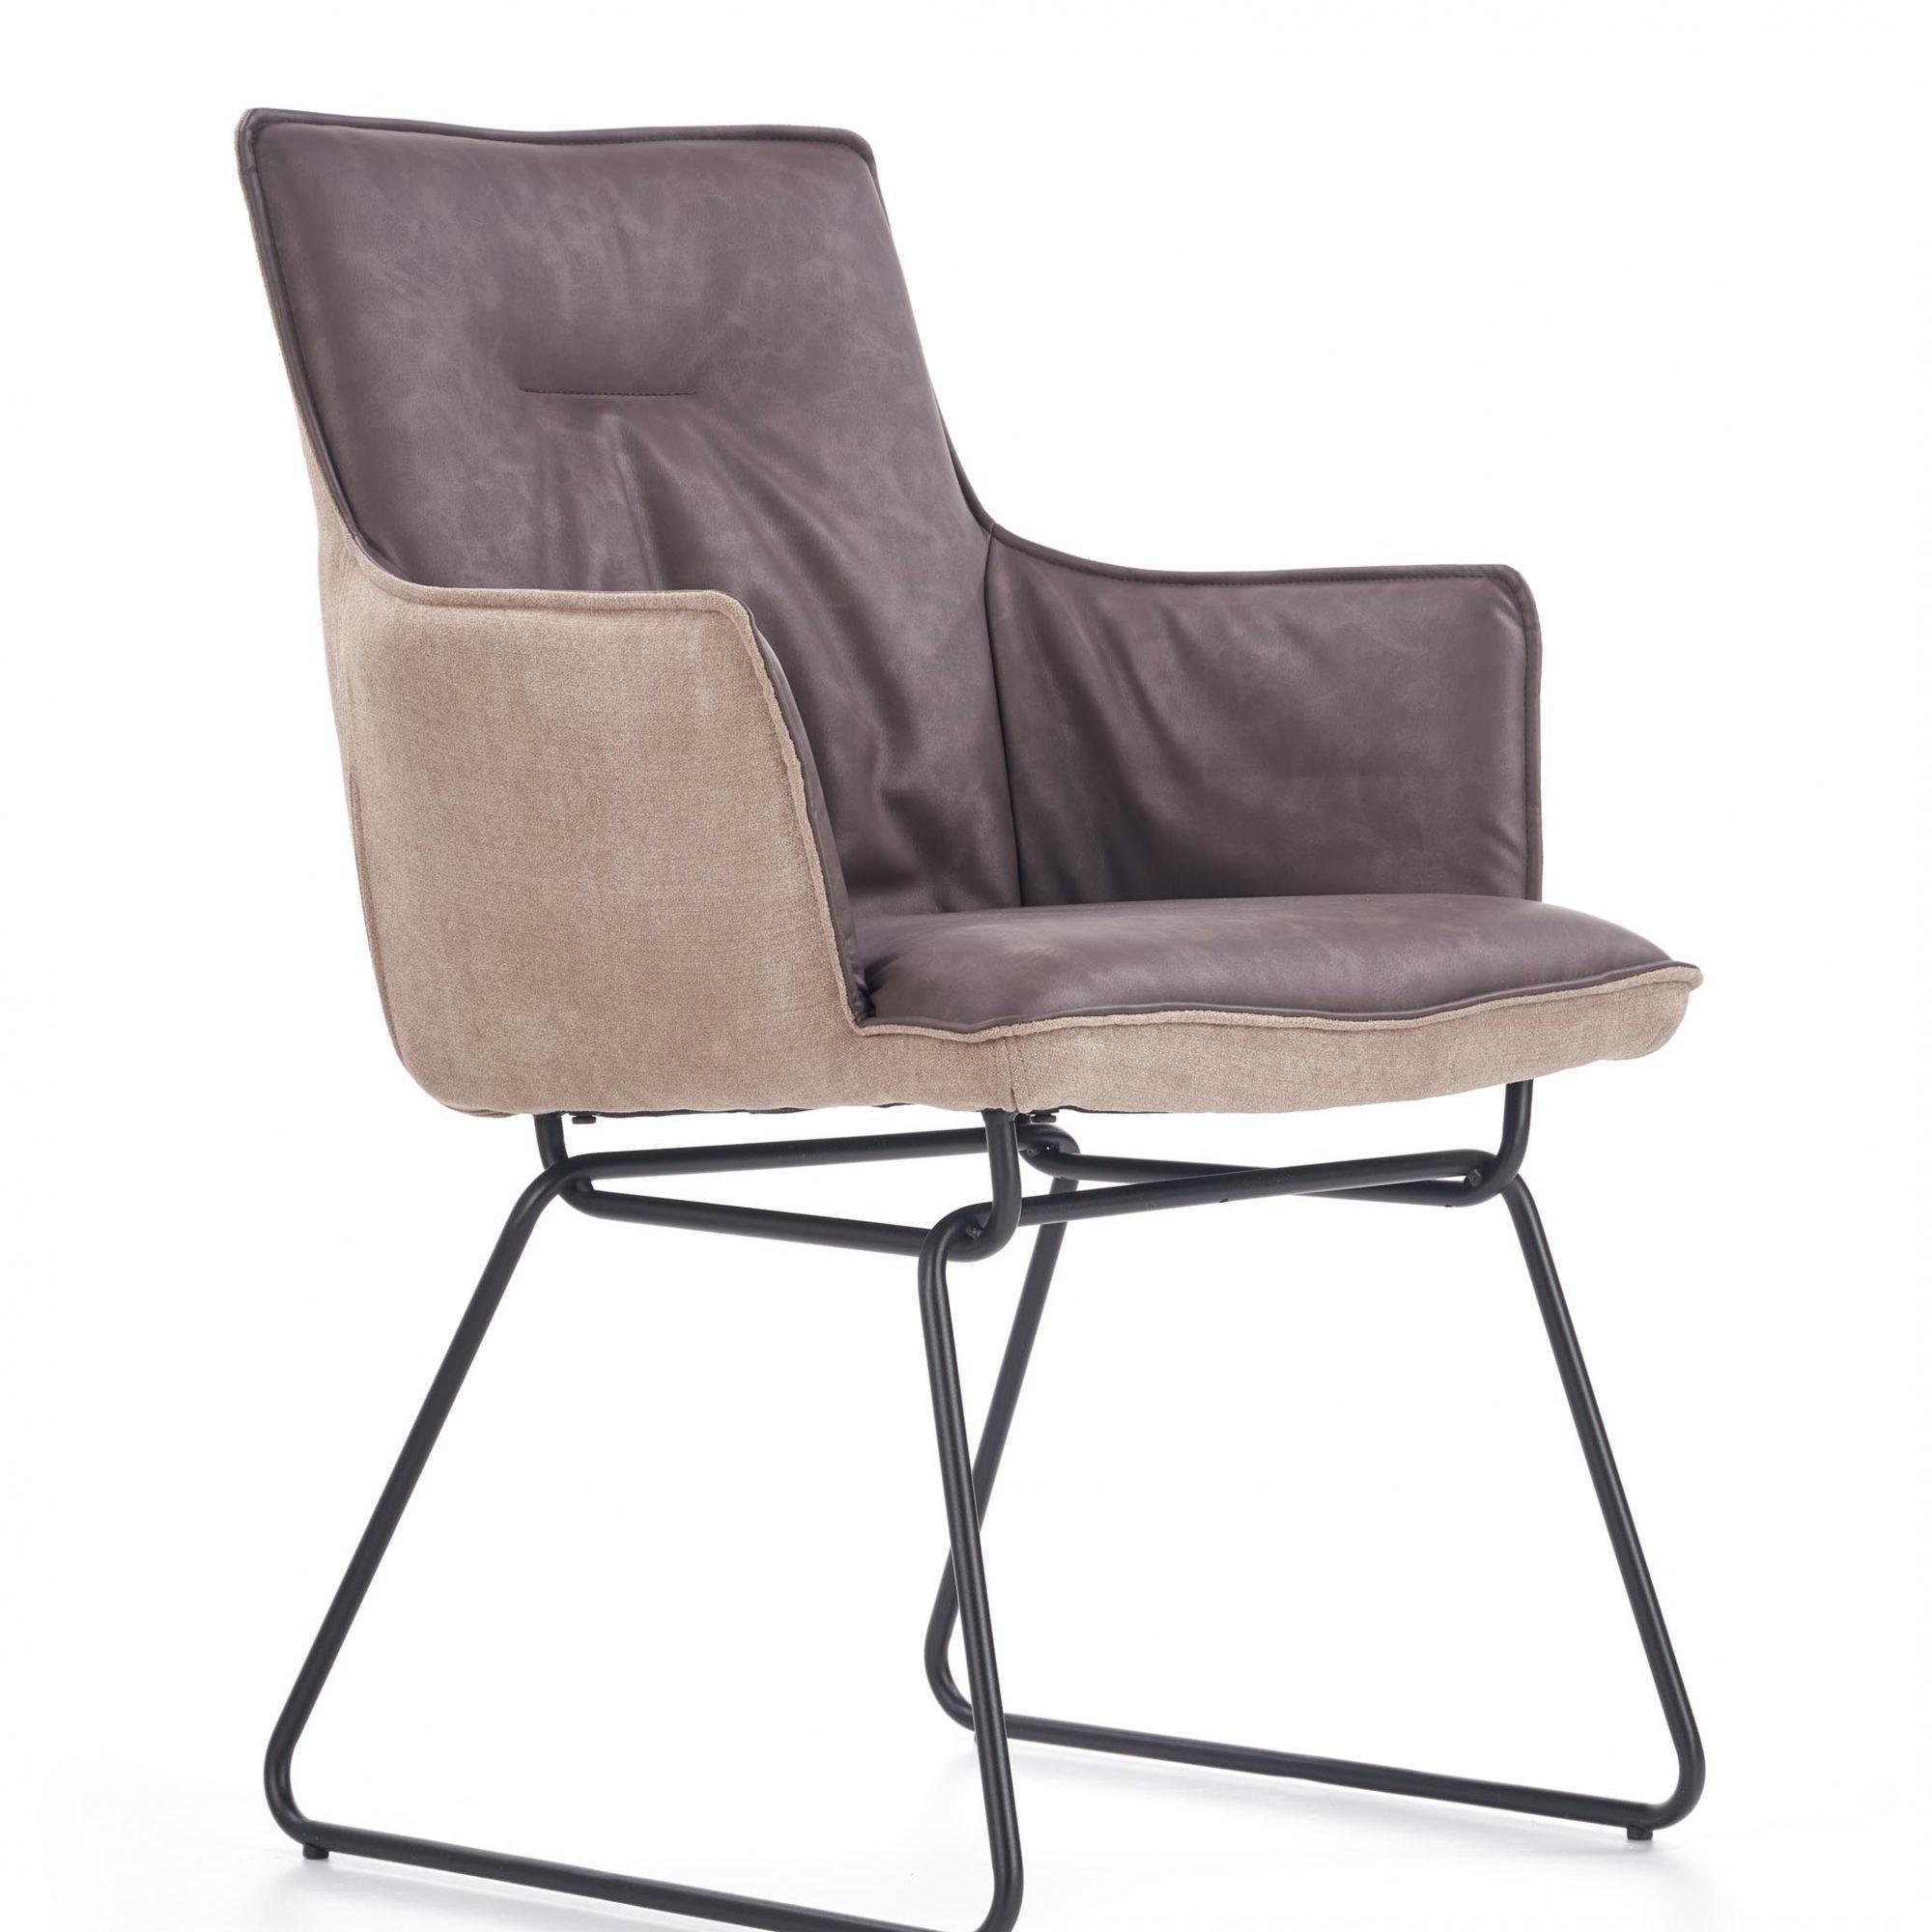 Stuhl SID mit Armlehnen moderner Design 02